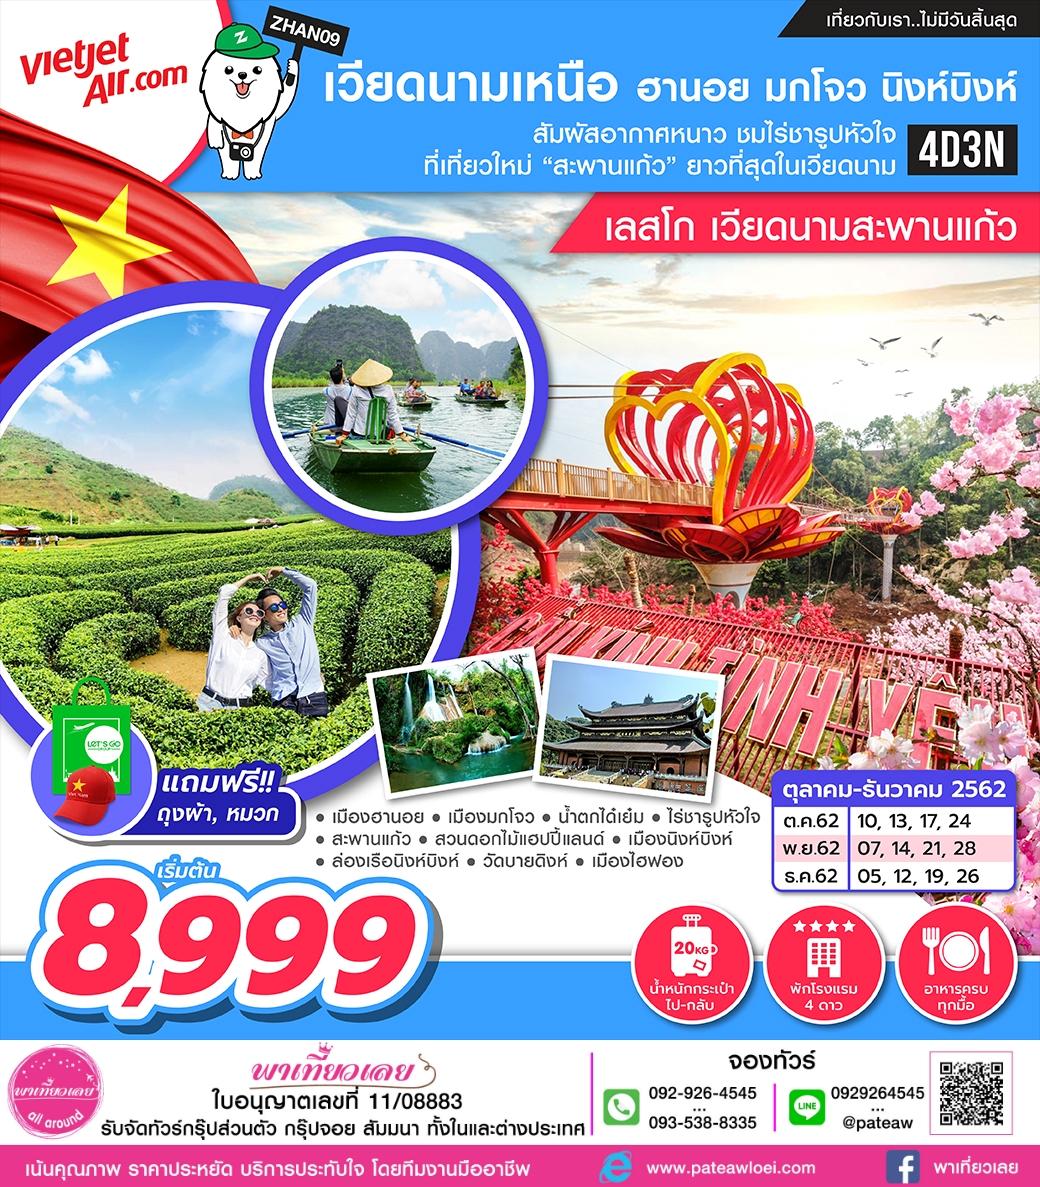 เวียดนามเหนือ ฮานอย มกโจว นิงห์บิงห์ เลสโก สะพานแก้ว 4วัน 3คืน